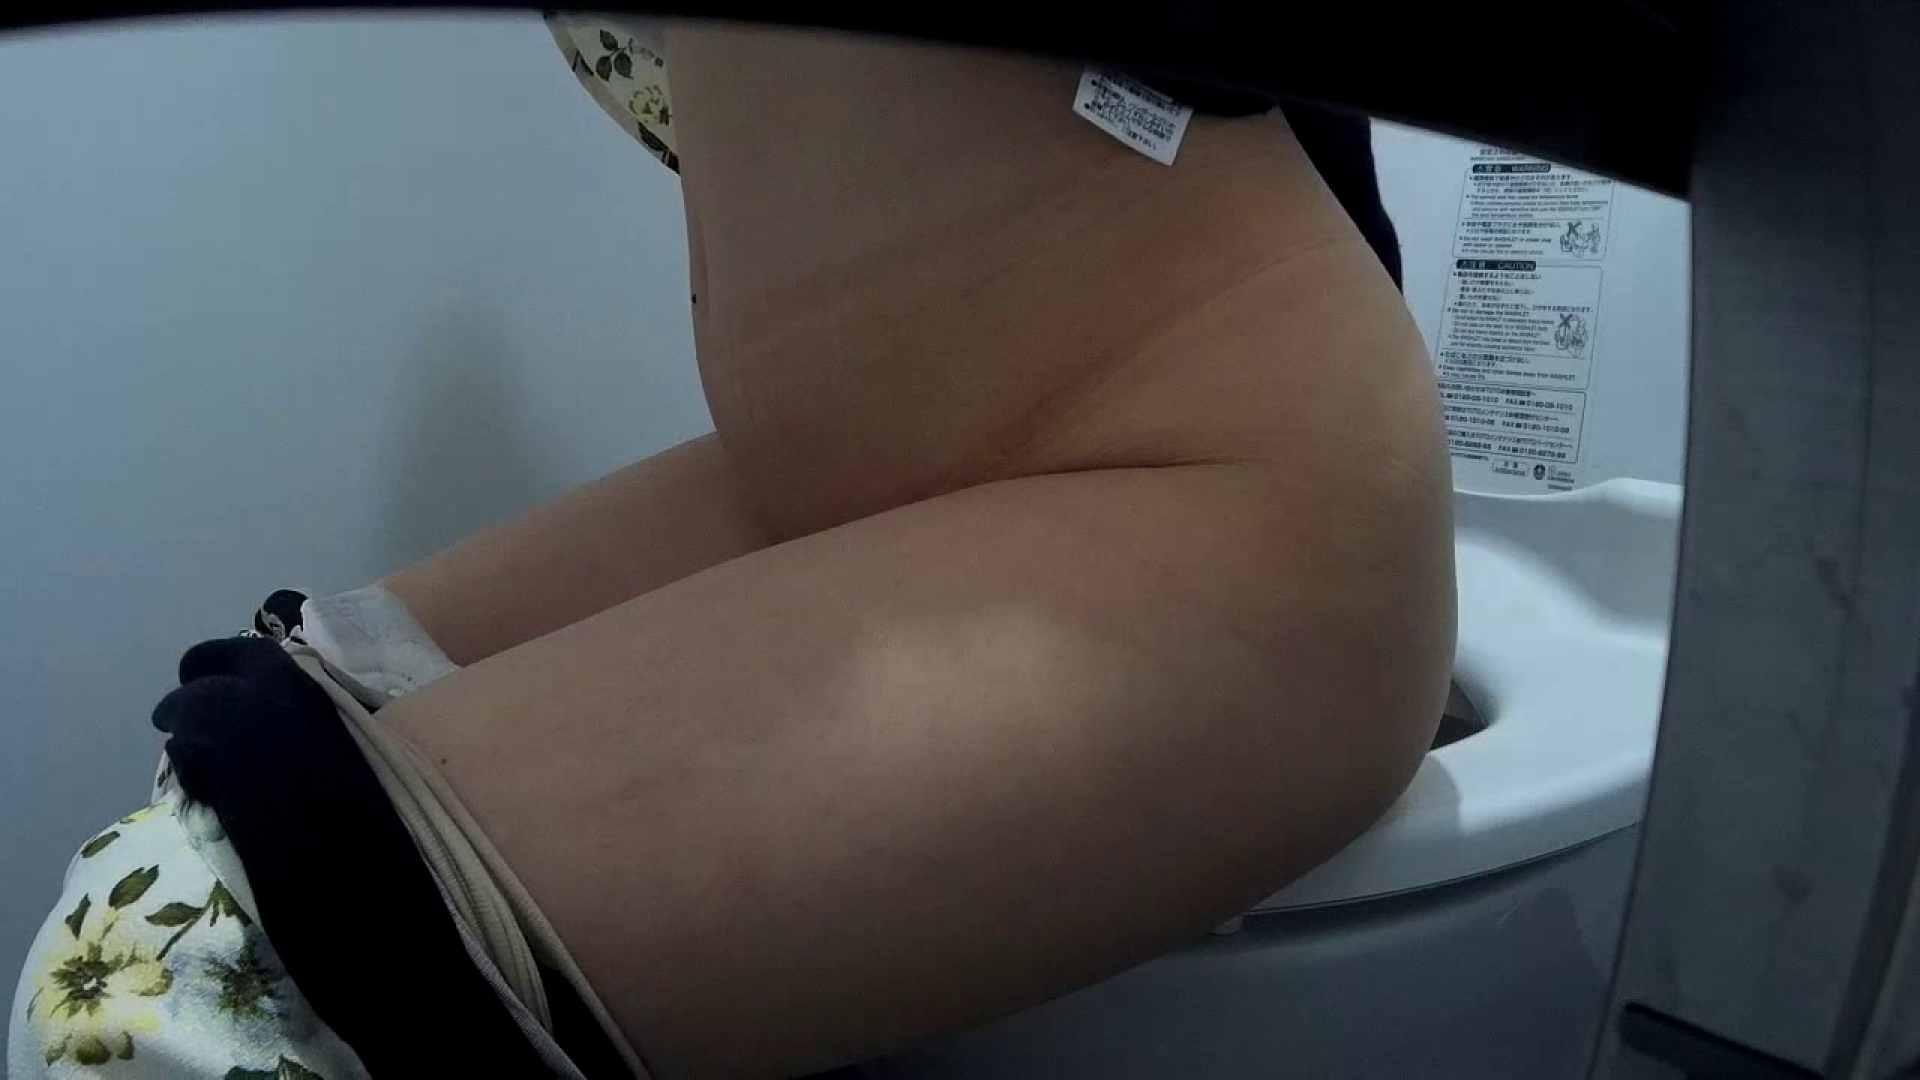 某有名大学女性洗面所 vol.34 今回は、2カメでばっちりいっちゃいました。 高画質 えろ無修正画像 83枚 58